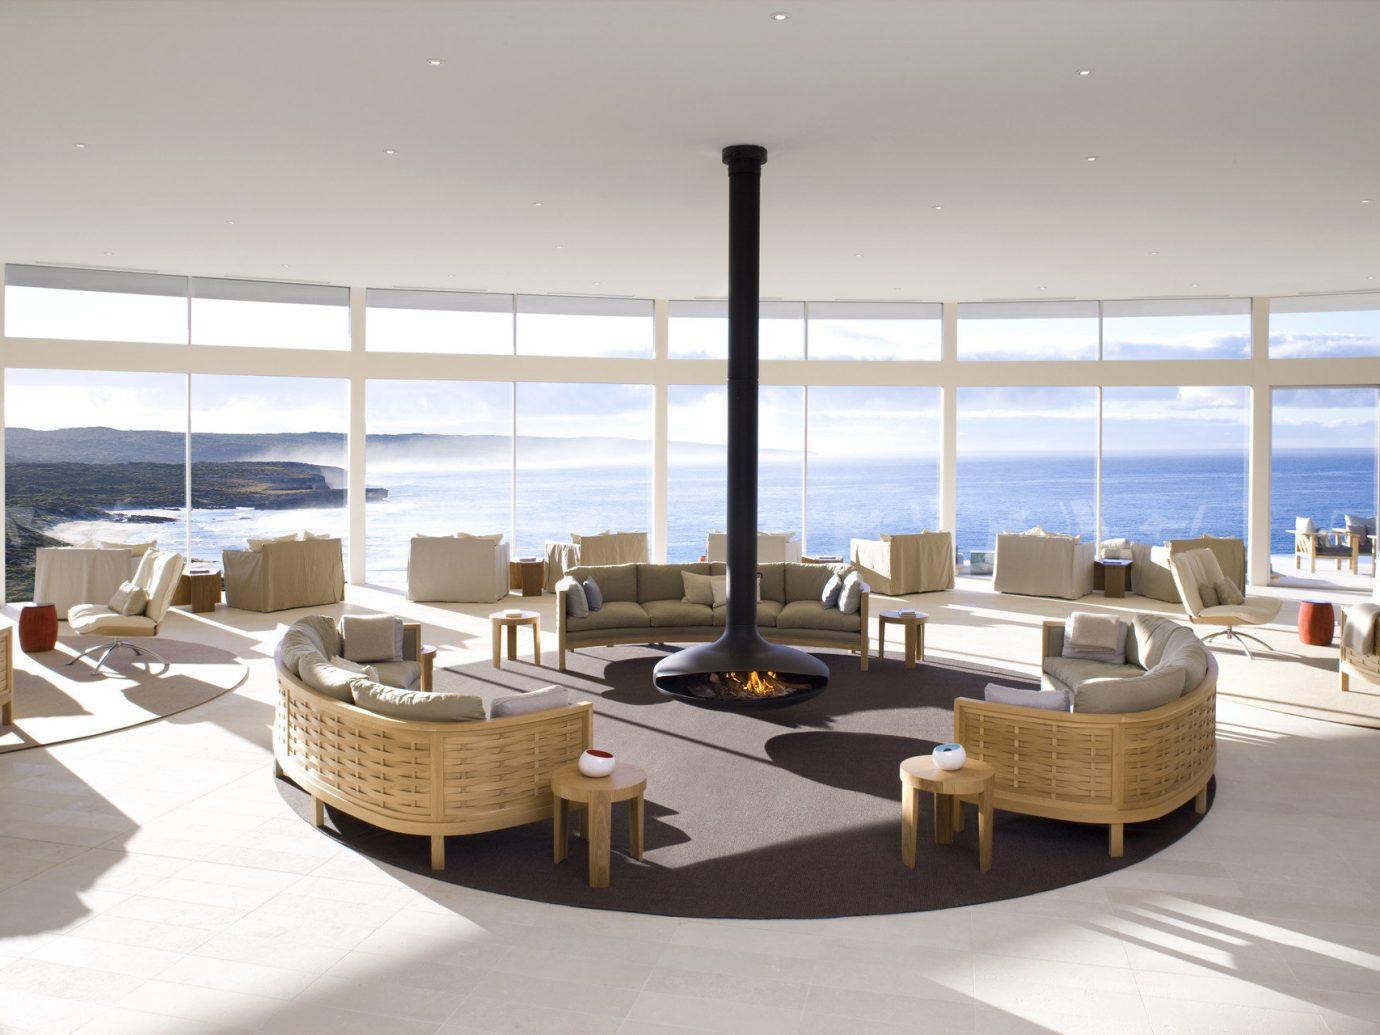 Hotels indoor property room Lobby floor interior design real estate headquarters Design condominium living room office window covering estate